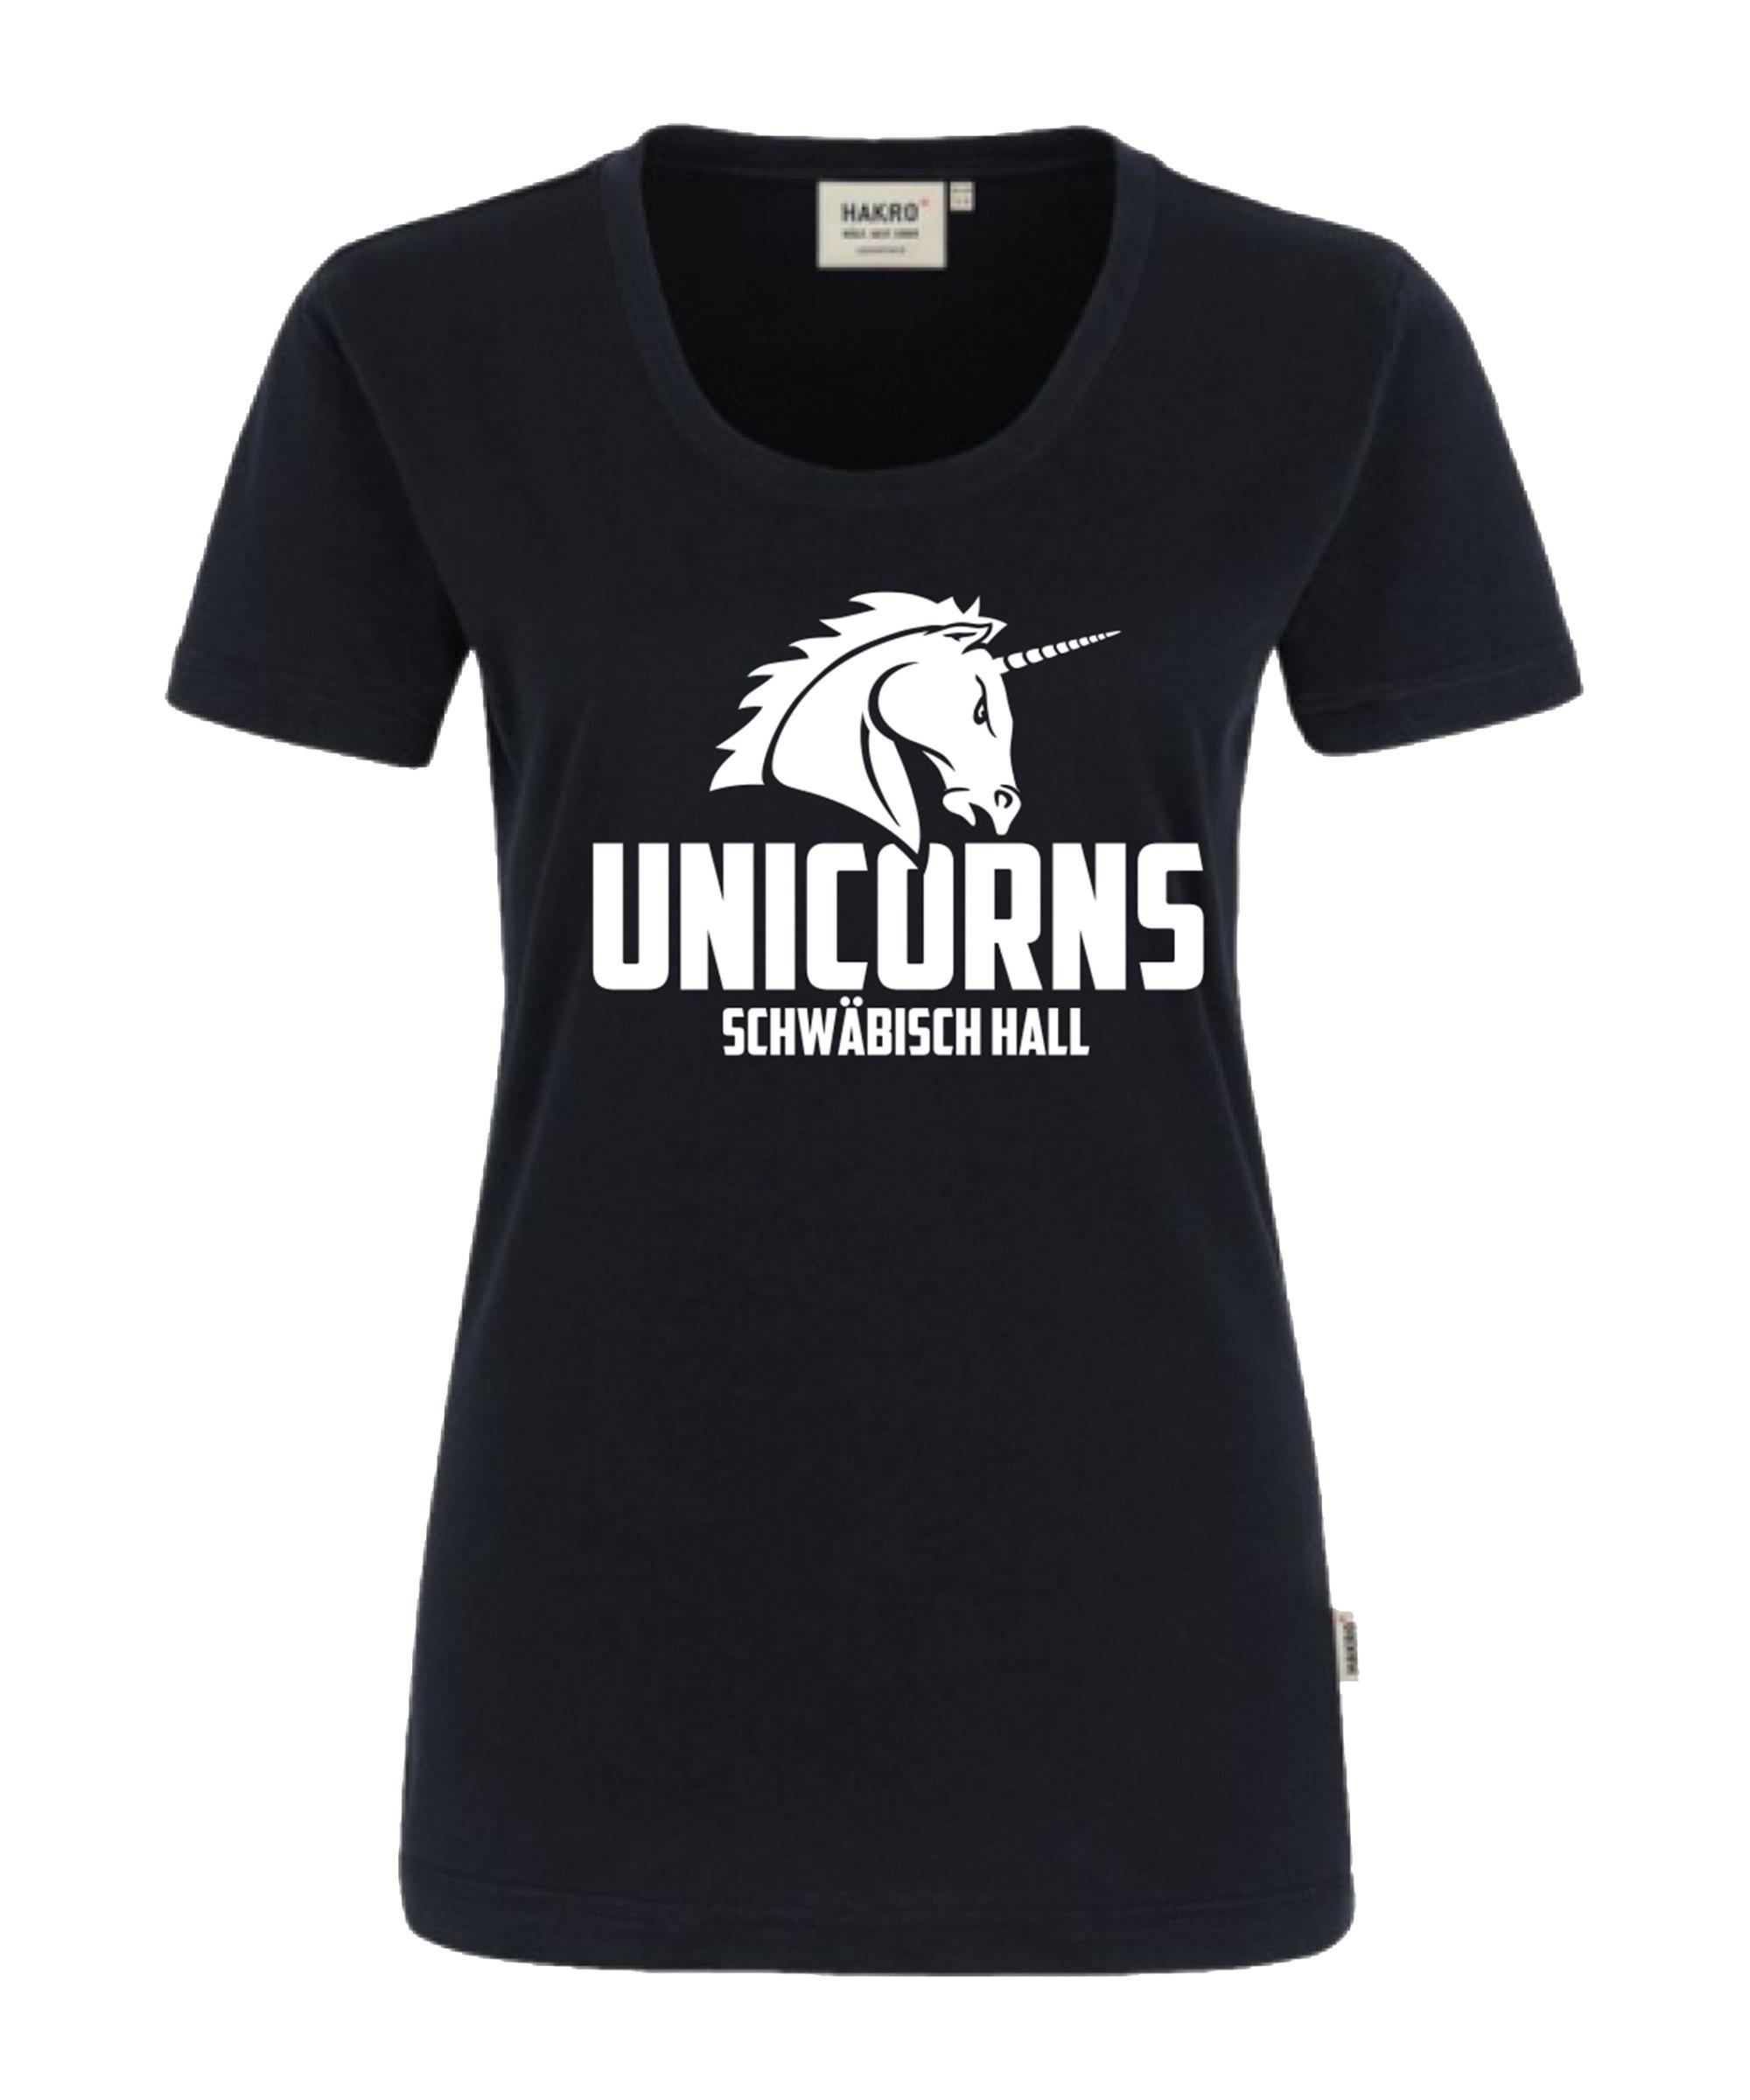 Unicorns Classic T-Shirt Damen Schwarz - schwarz